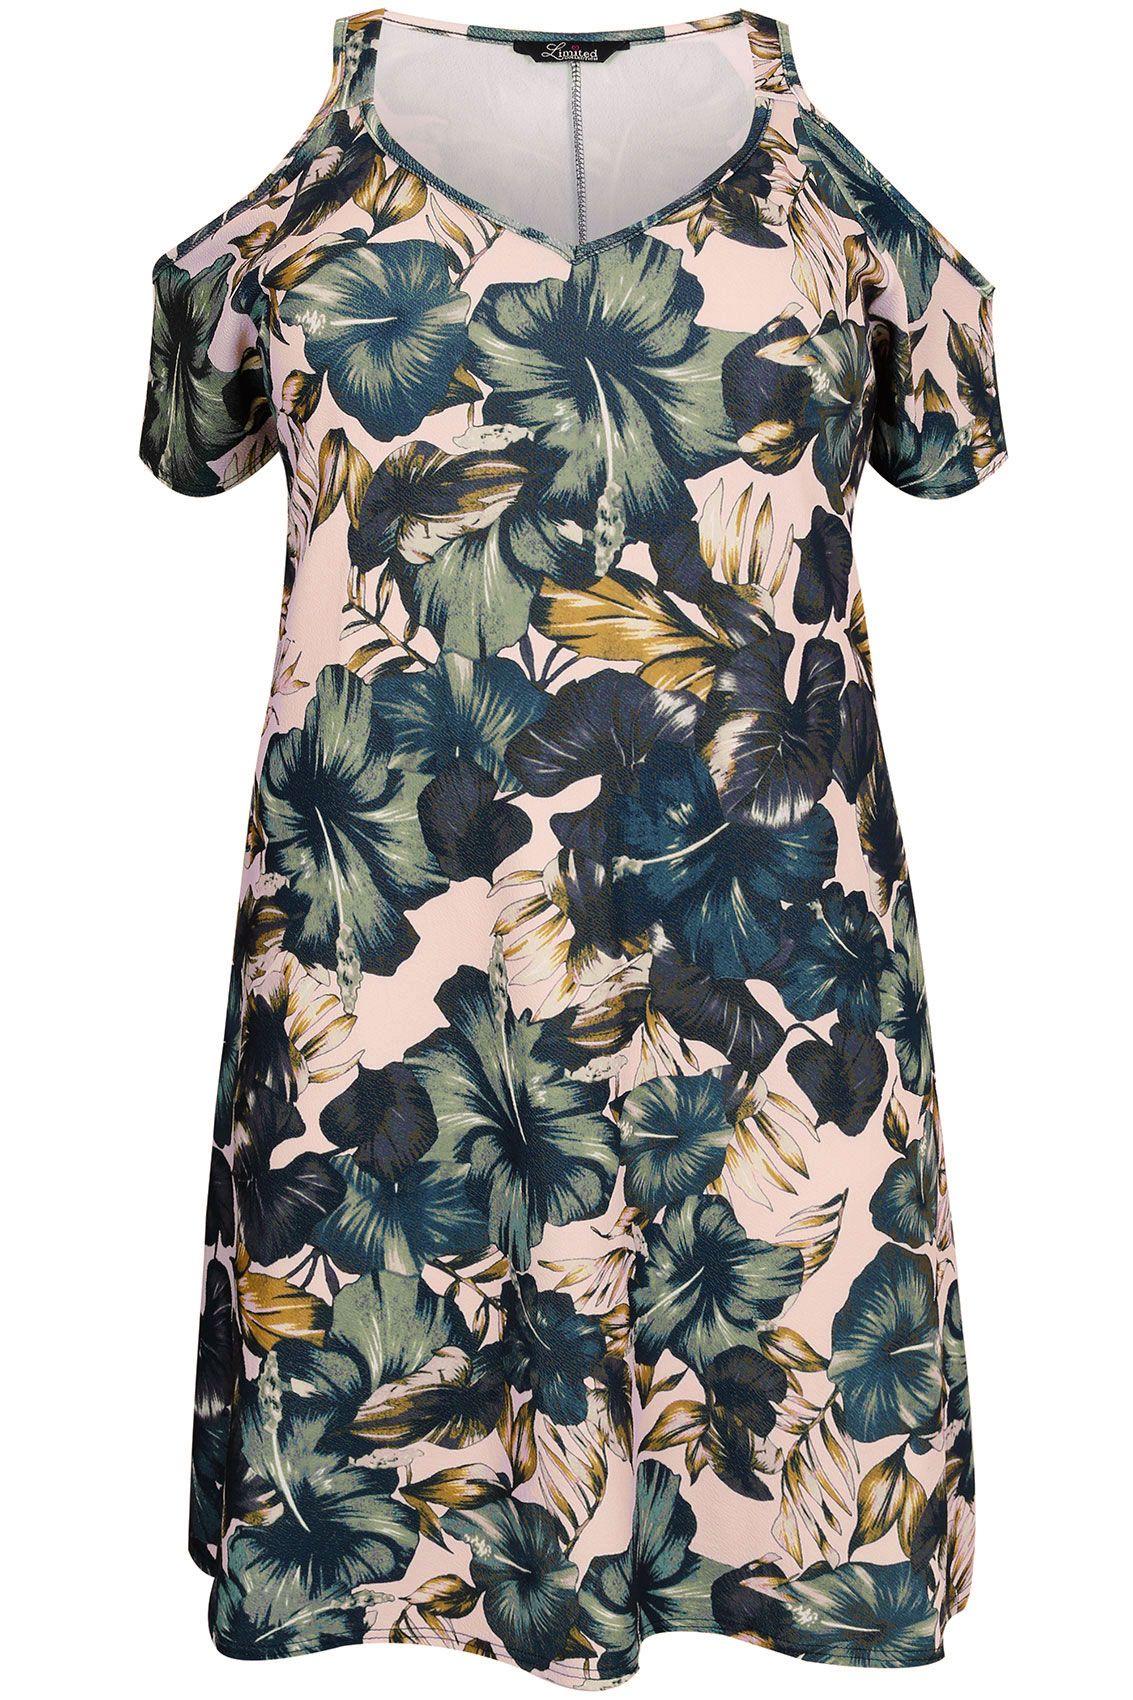 Blush Pink & Green Leaf Print Cold Shoulder Swing Dress